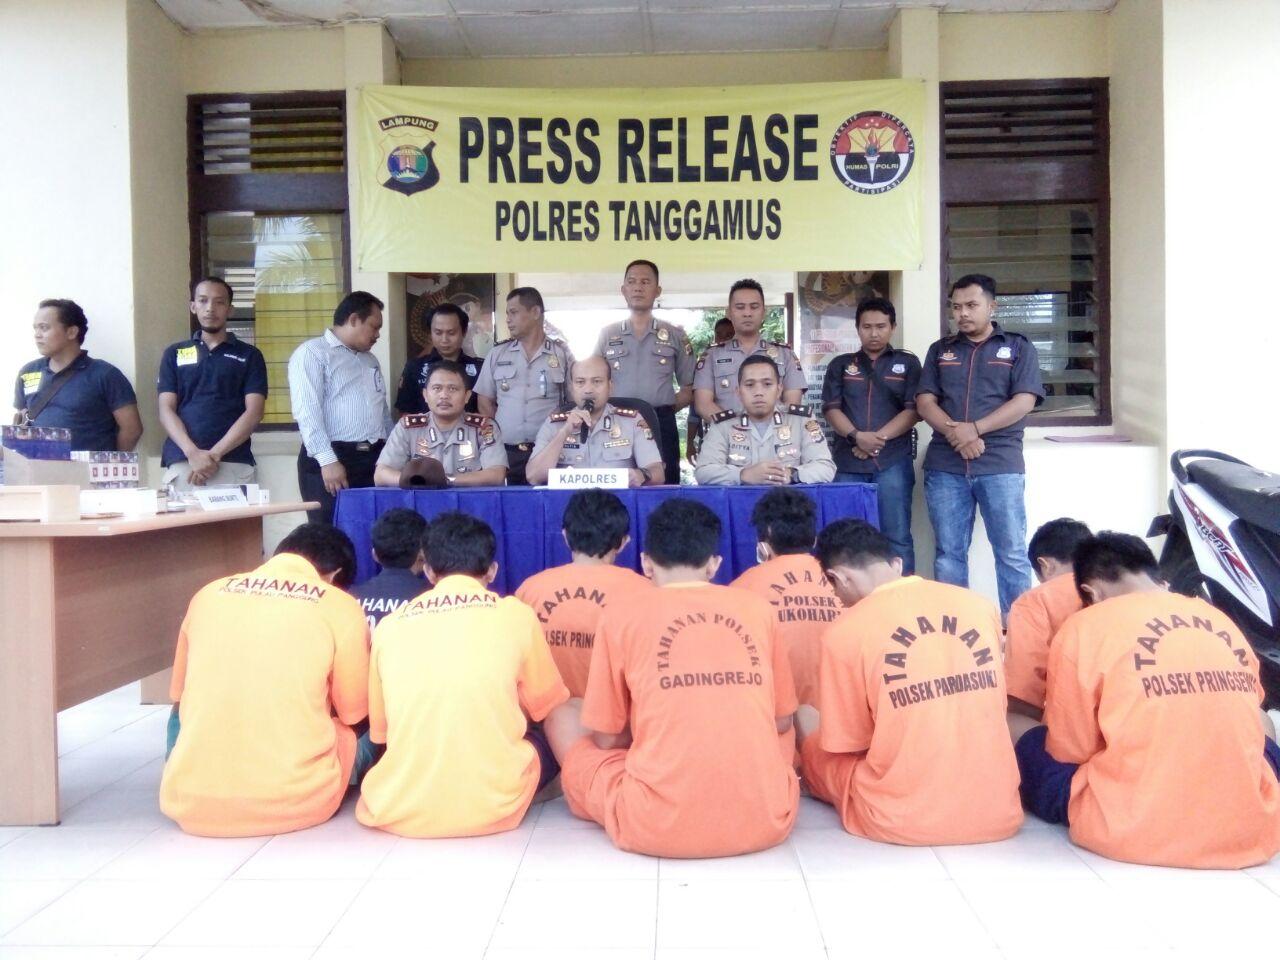 LAMPUNG POST | Polres Tanggamus Ungkap 20 Kasus Kriminal Selama Ops Sikat II 2017